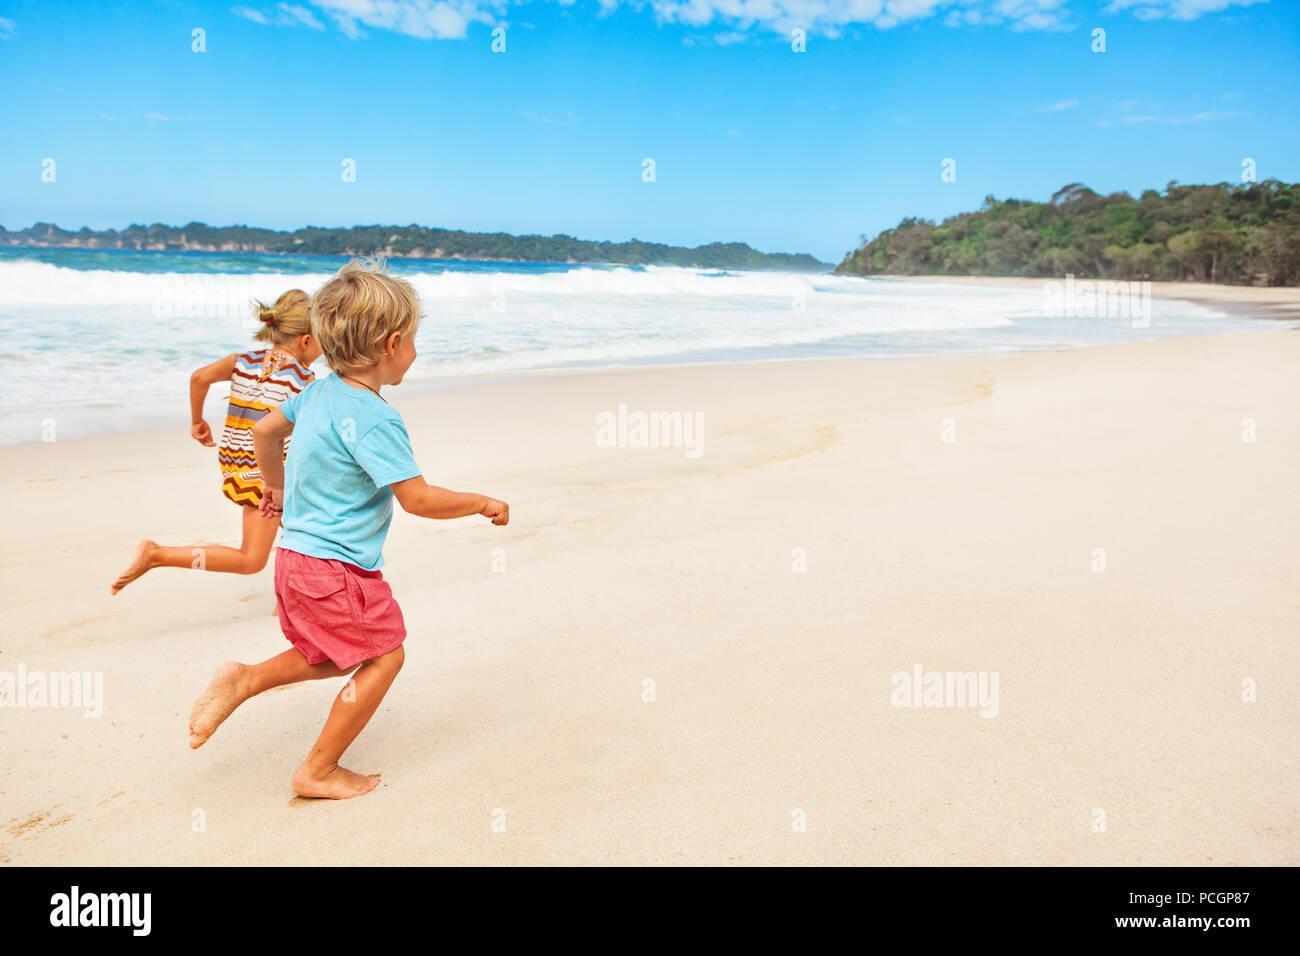 Felice a piedi nudi i bambini a divertirsi sulla spiaggia a piedi. Correre e saltare dalla sabbia bianca lungo il mare da surf. Viaggio di famiglia uno stile di vita all'aperto, attività sportive e giochi. Immagini Stock